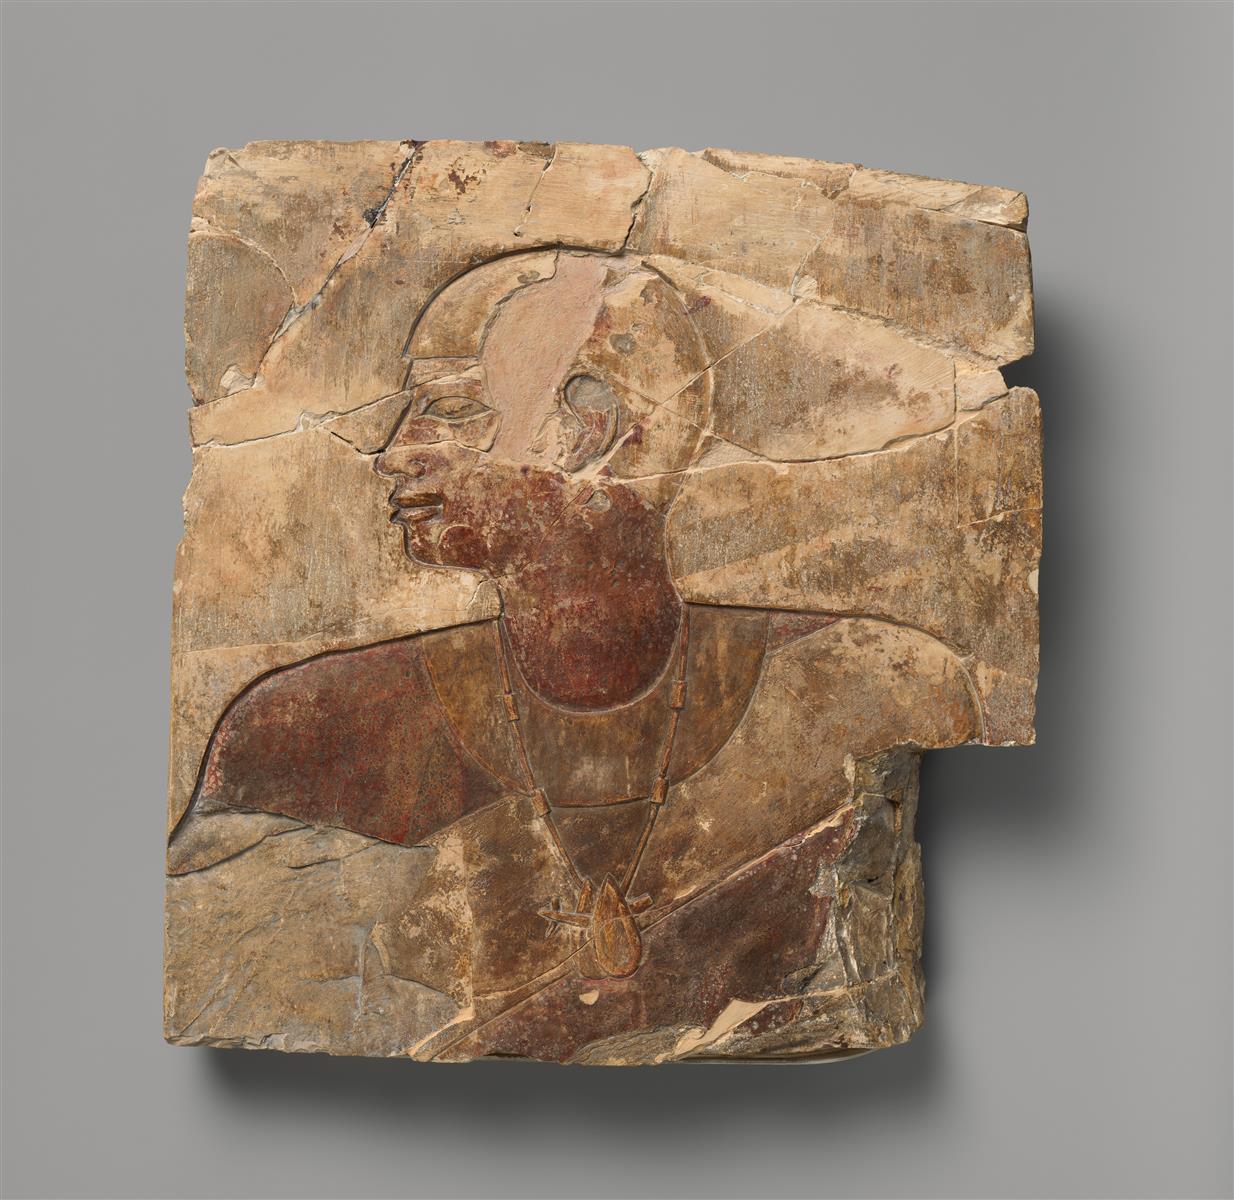 Relief Attributed to Petamenophis, c.710 - c.640